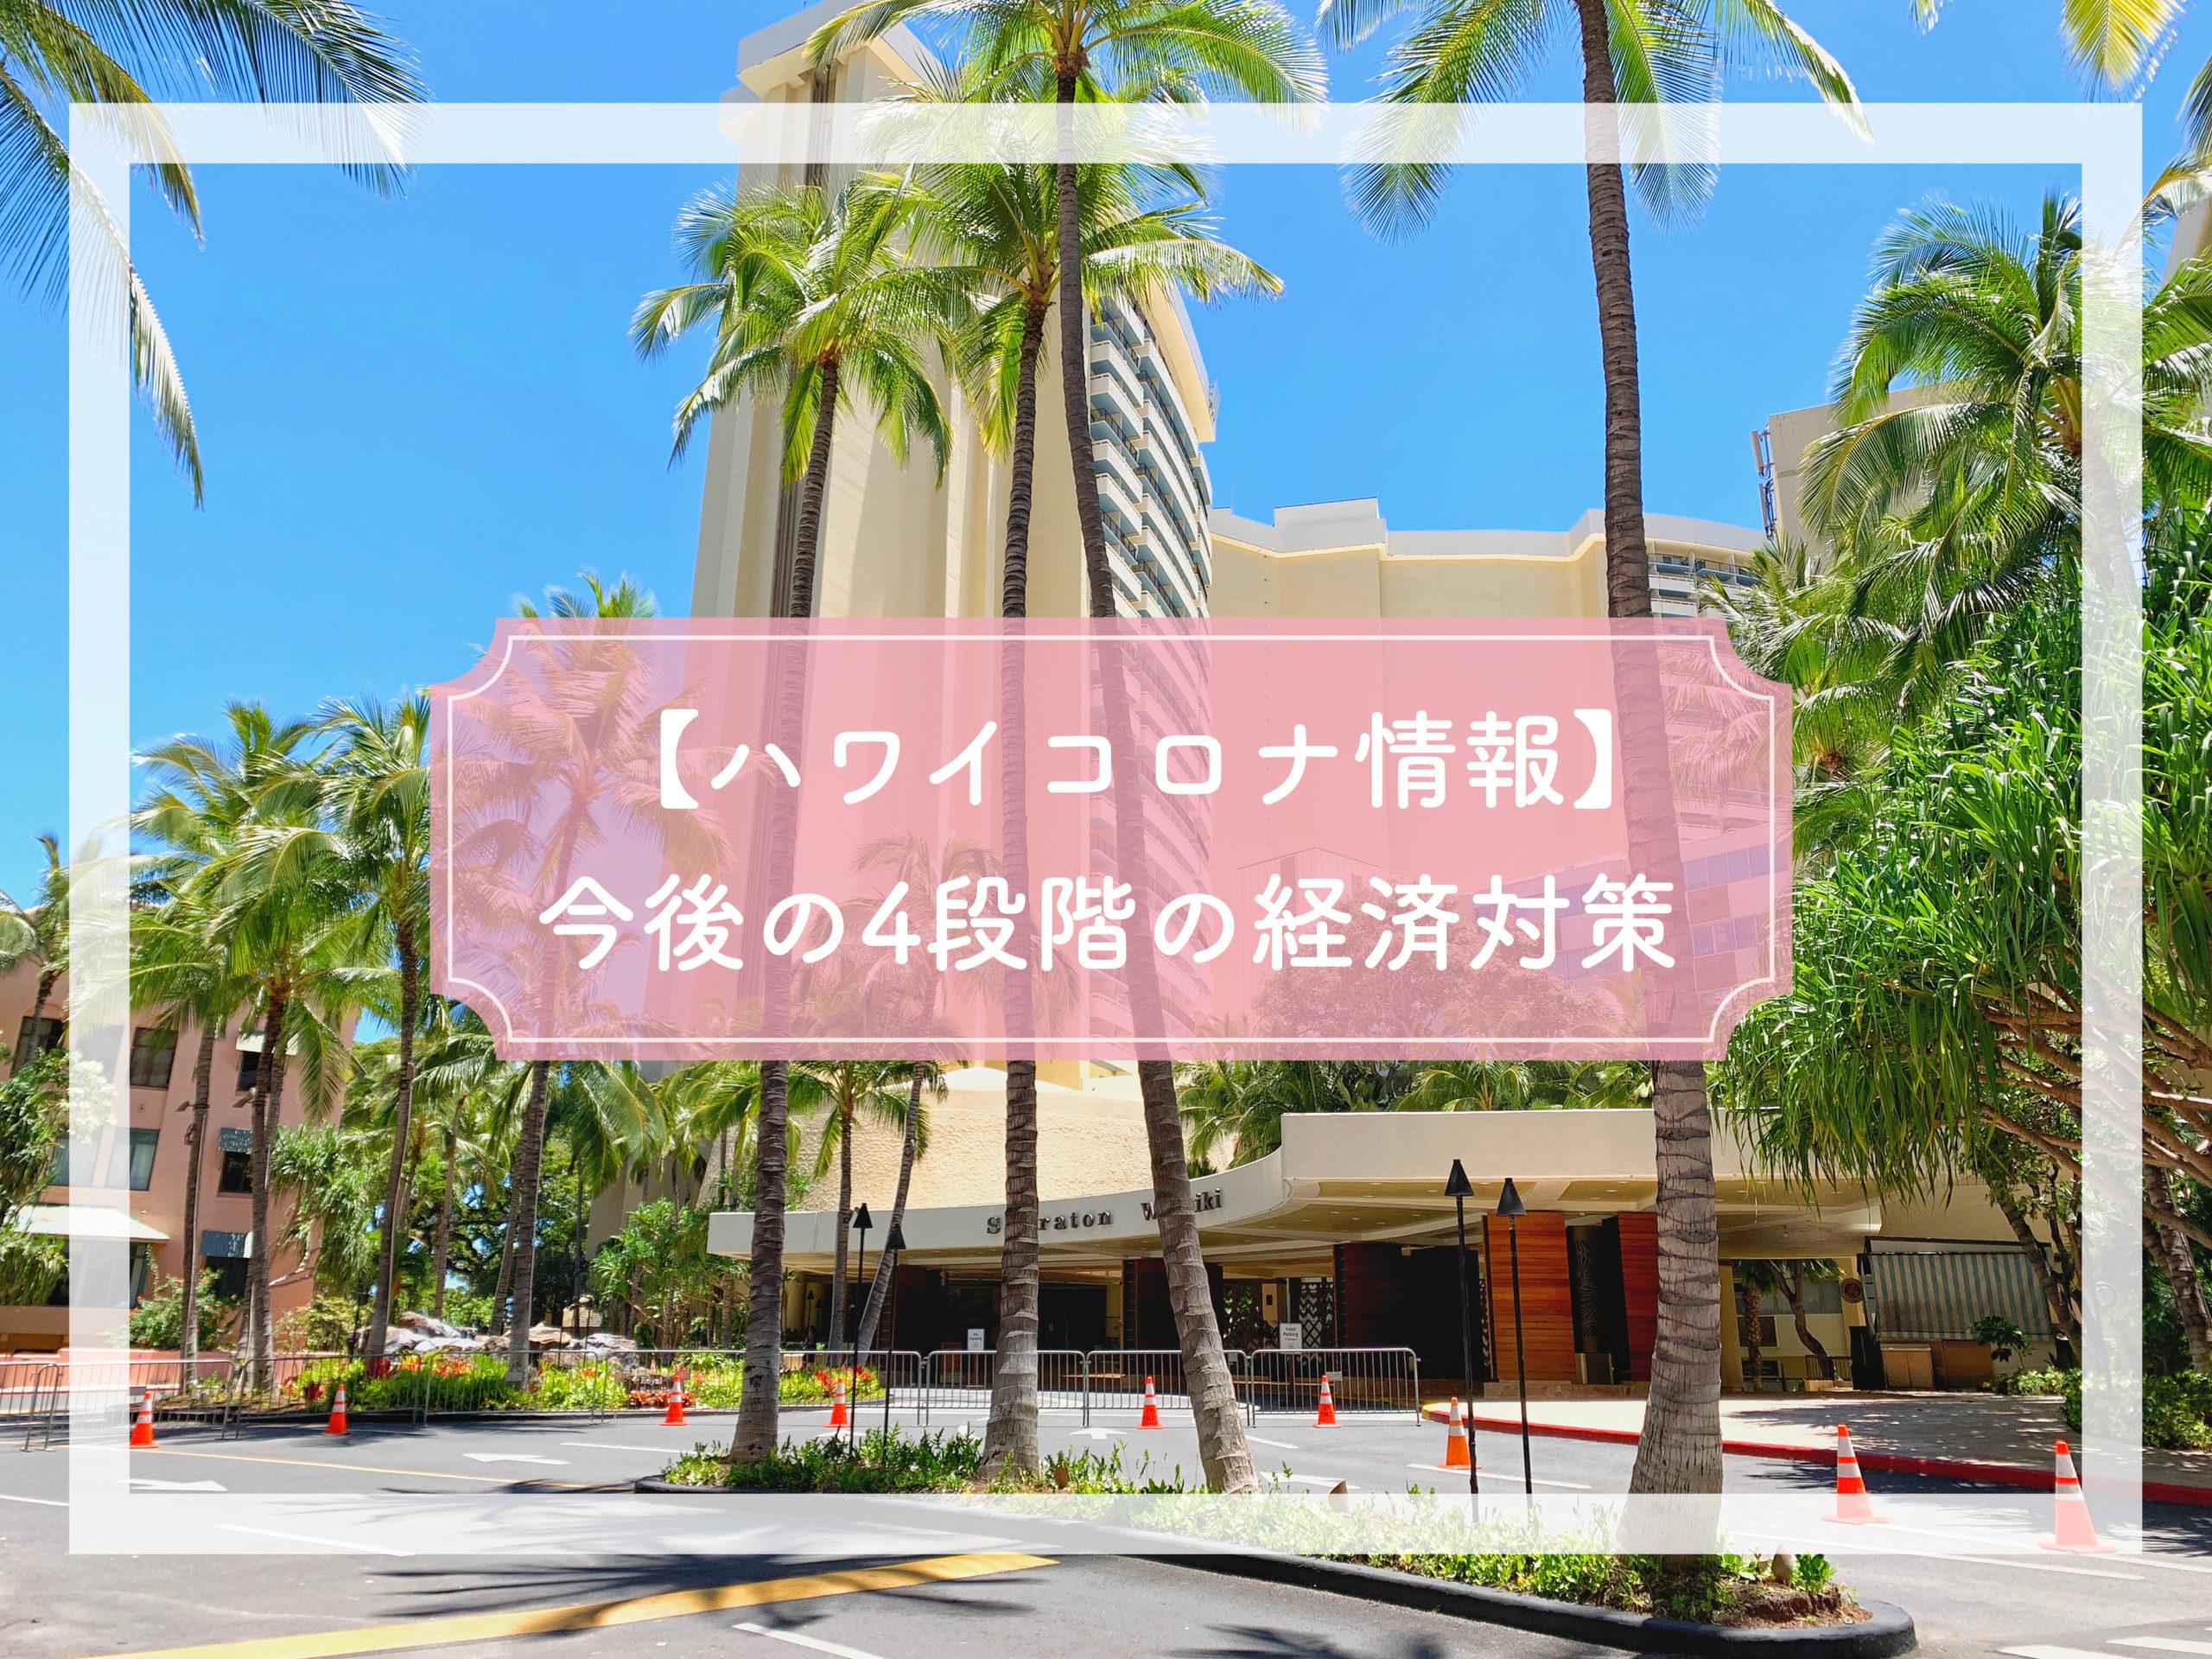 【ハワイコロナ情報】今後の4段階の経済対策 レストラン再開へ経営者の困惑